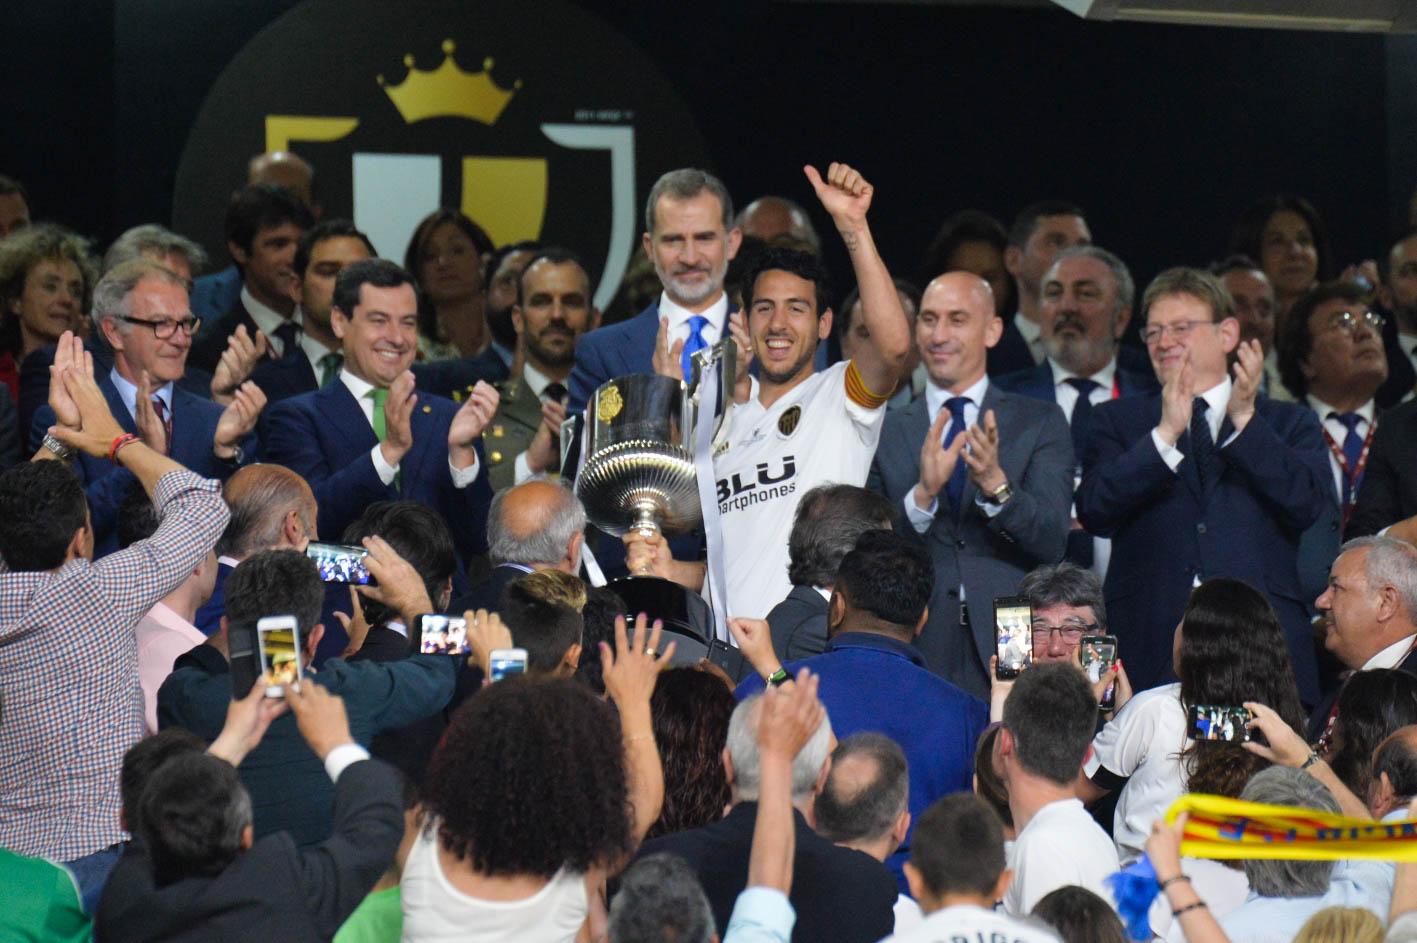 Copa del Rey de fútbol 2018-19 - Wikipedia, la enciclopedia ...